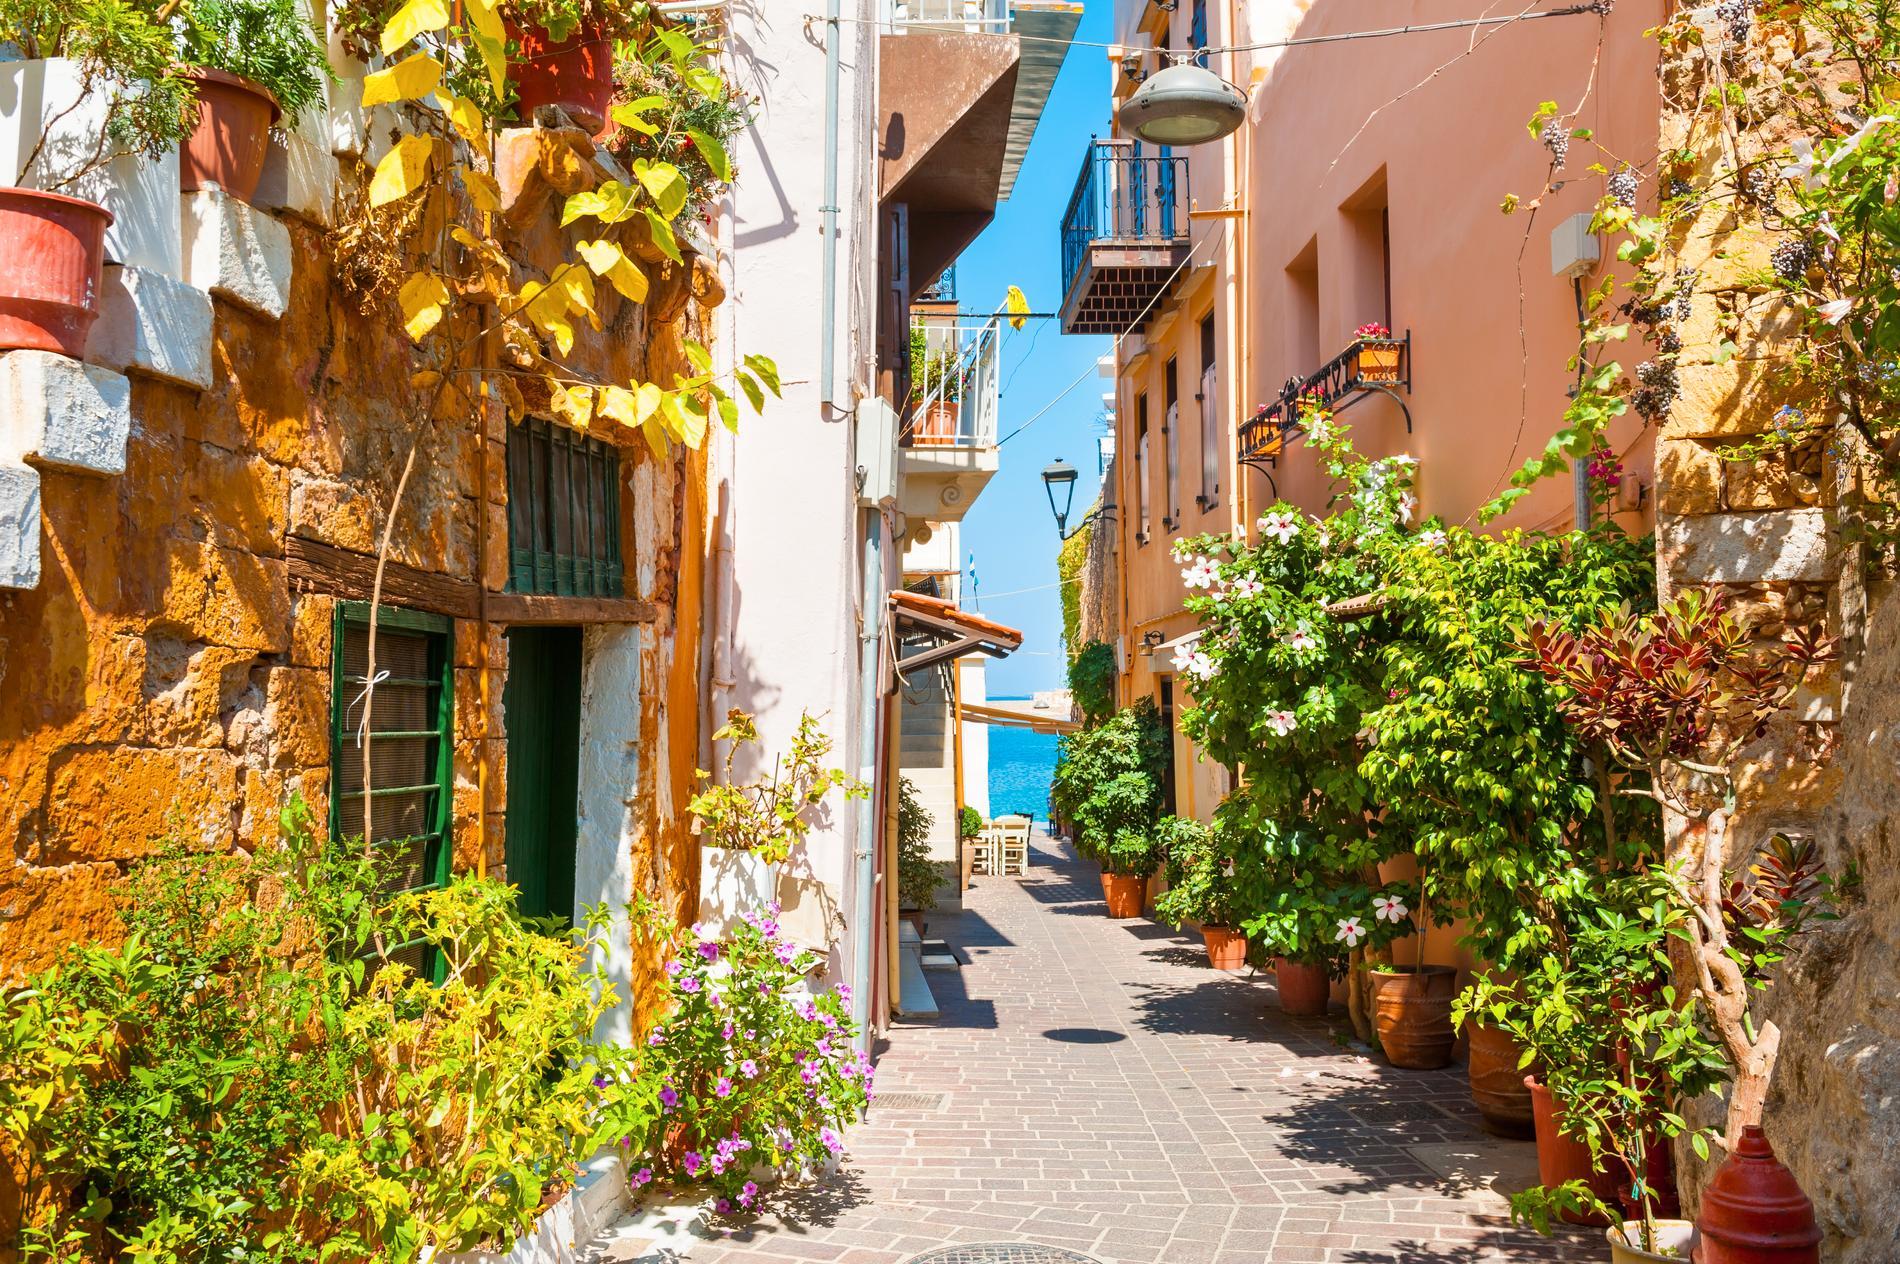 Resor till platser som Kreta går att hitta för under 2 000 kronor med boende.